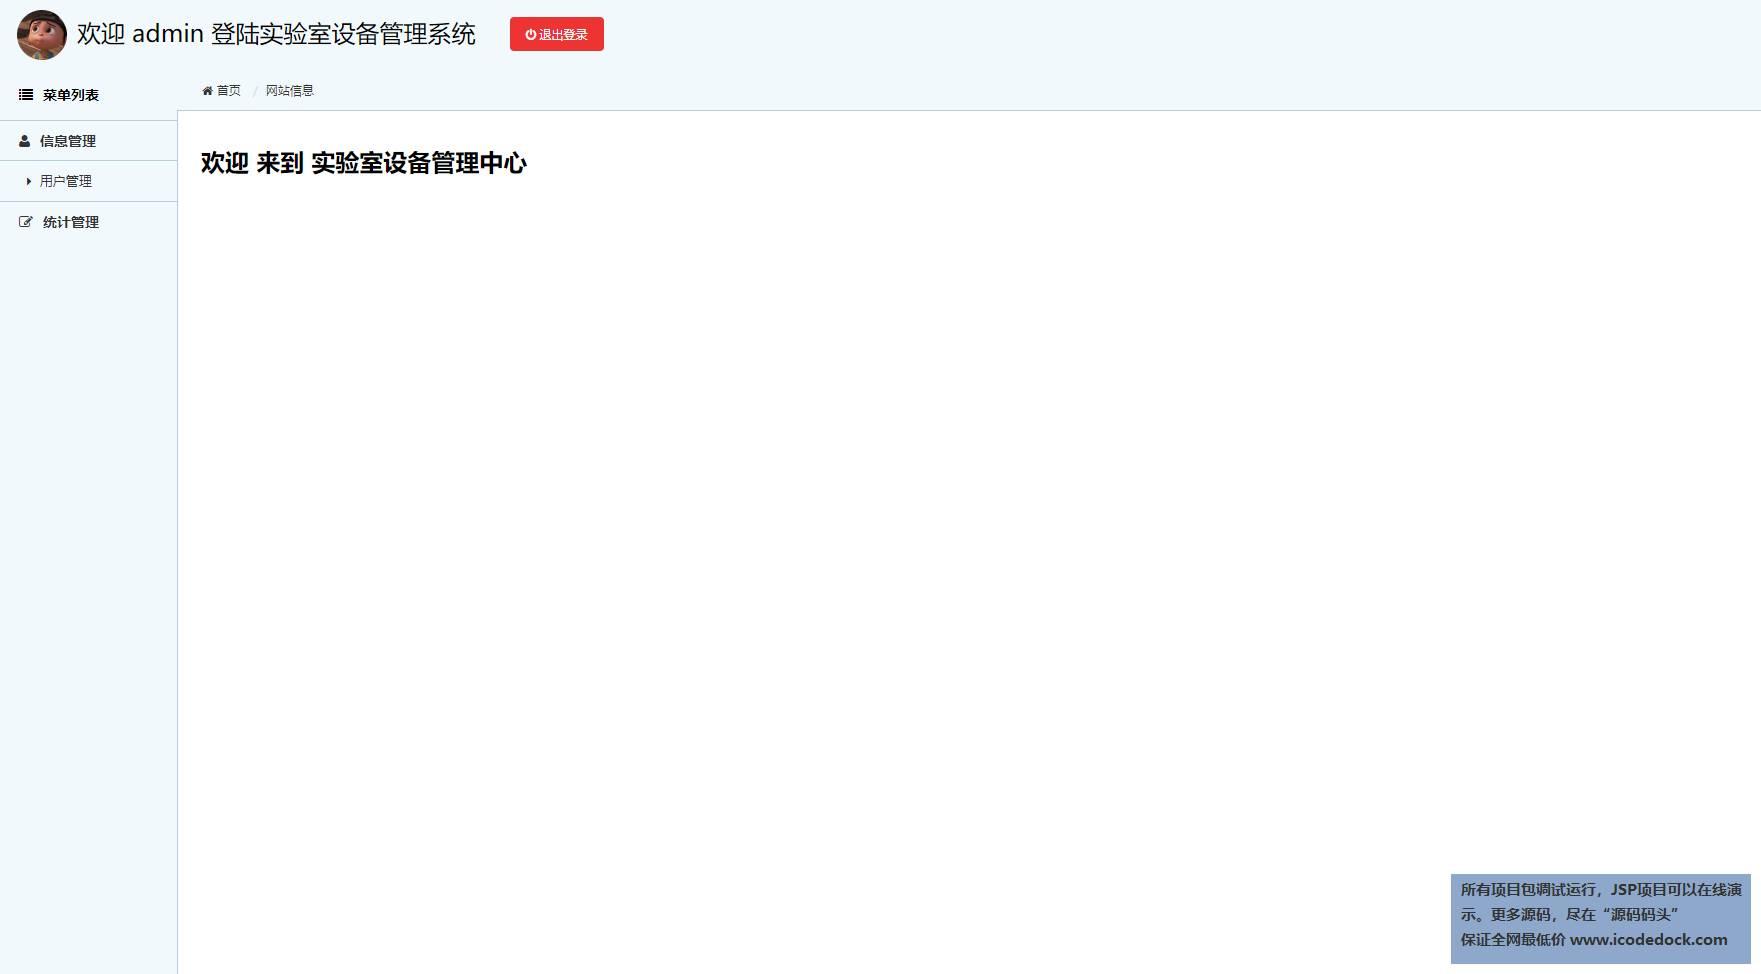 源码码头-SSM实验室设备管理-管理员角色-管理员登录首页